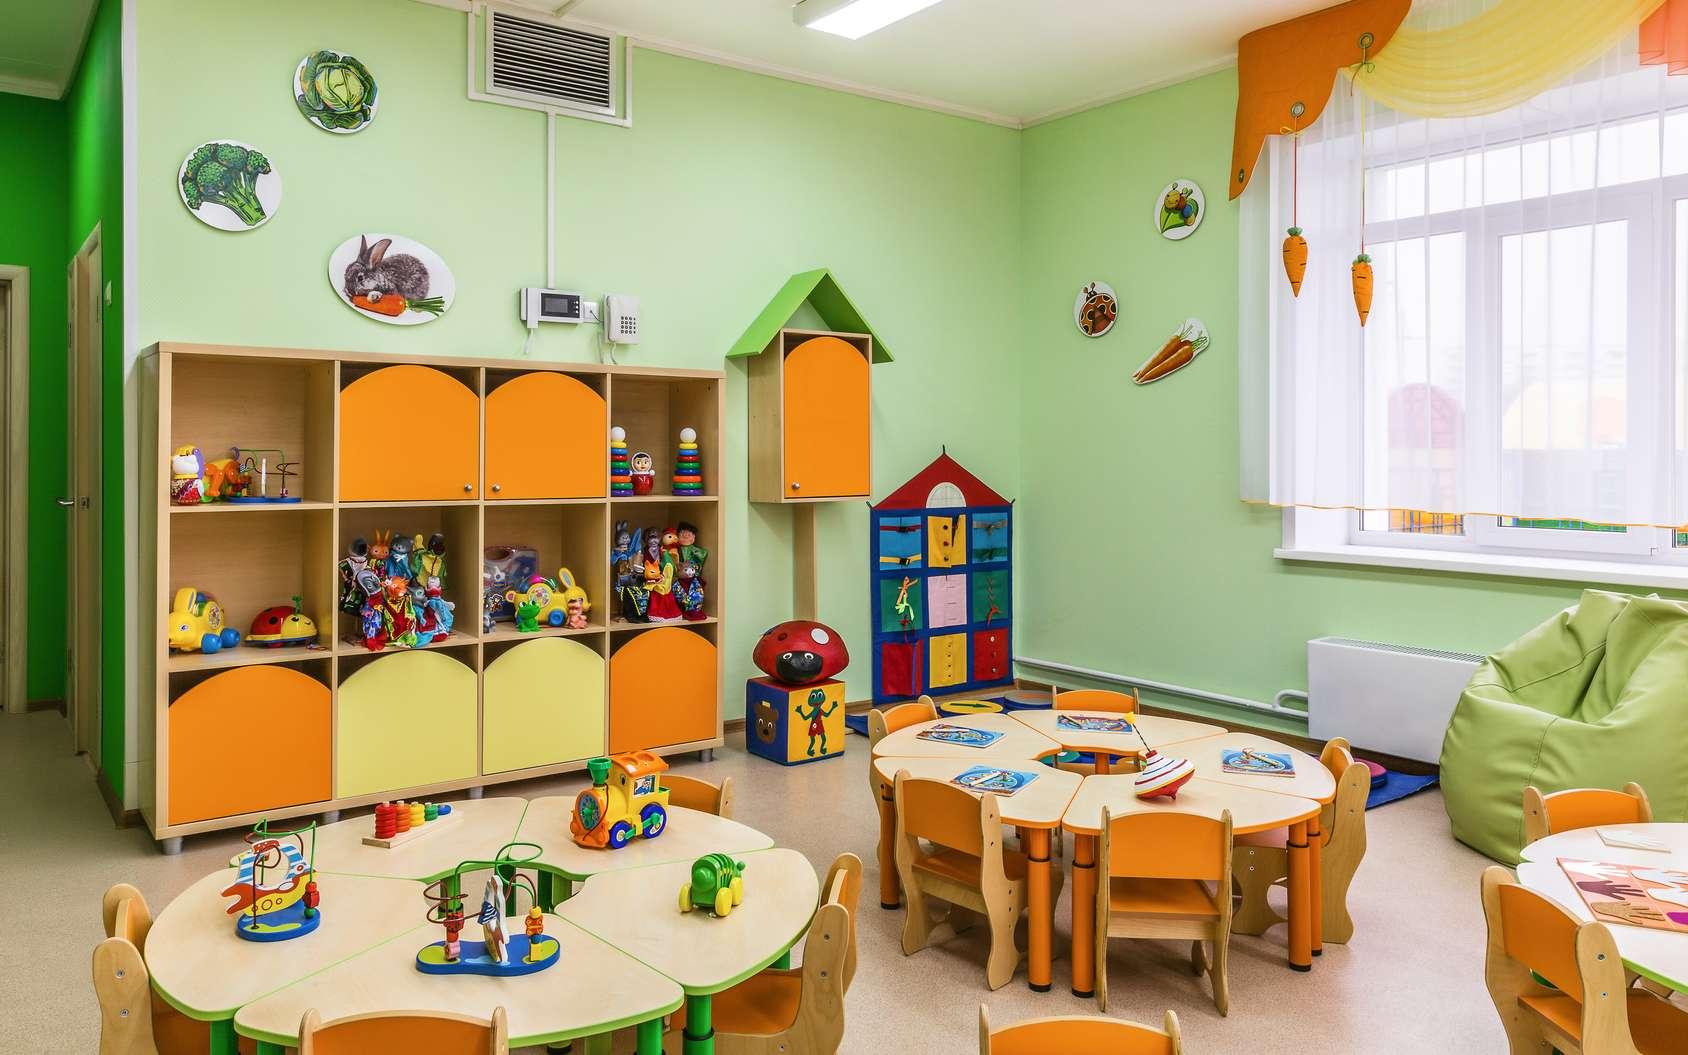 Espace d'activités proposant différents jeux favorisant l'éveil et la motricité de l'enfant. © Kot63, Fotolia.